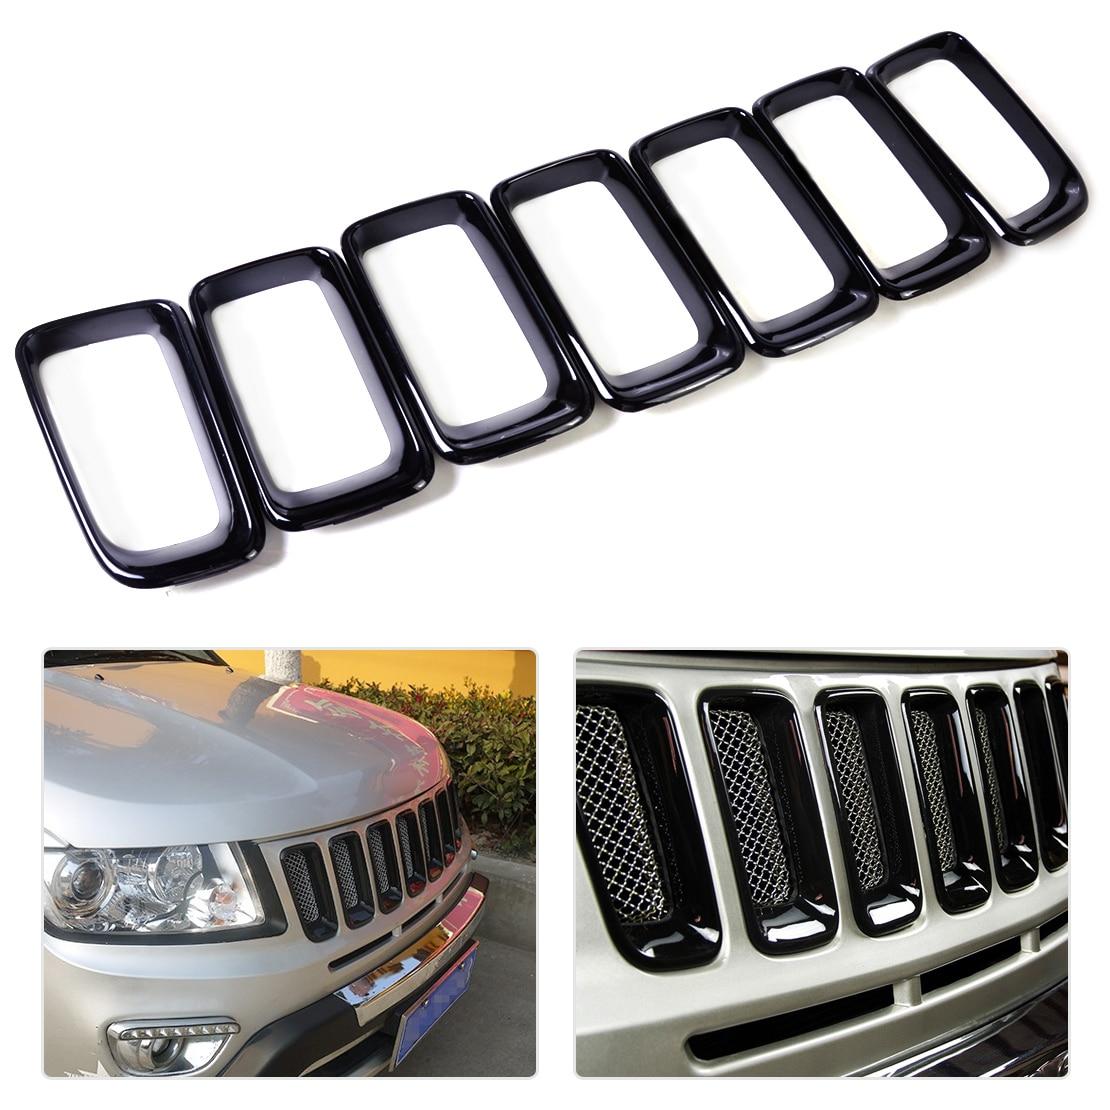 Beler 7pcs Black Front Grille Vent Hole Insert Frame Cover Trim Billet Vertical For Jeep Compass 2011 2012 2013 2014 2015 2016